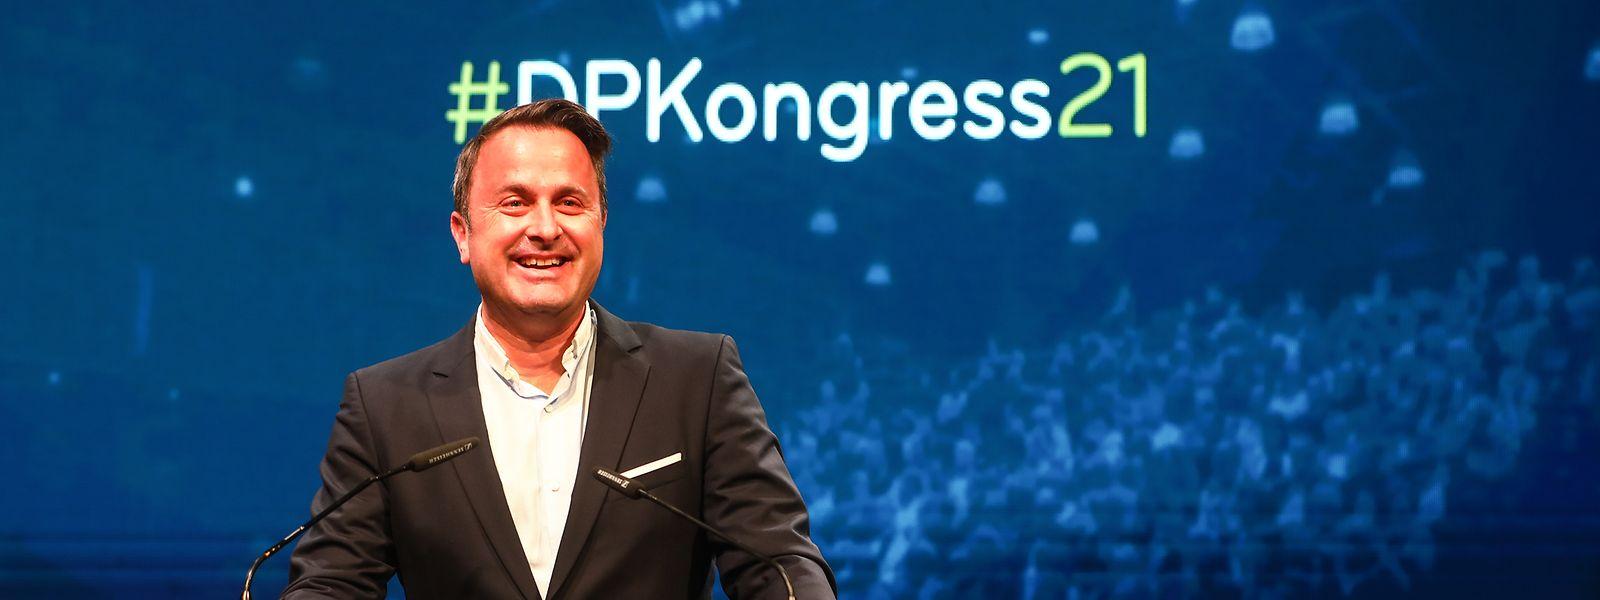 Avec 19,3% d'intentions de vote, le DP de Xavier Bettel assoit sa position de deuxième force politique du pays et distance un peu le LSAP. Le CSV, lui, continue de perdre sa position hégémonique.